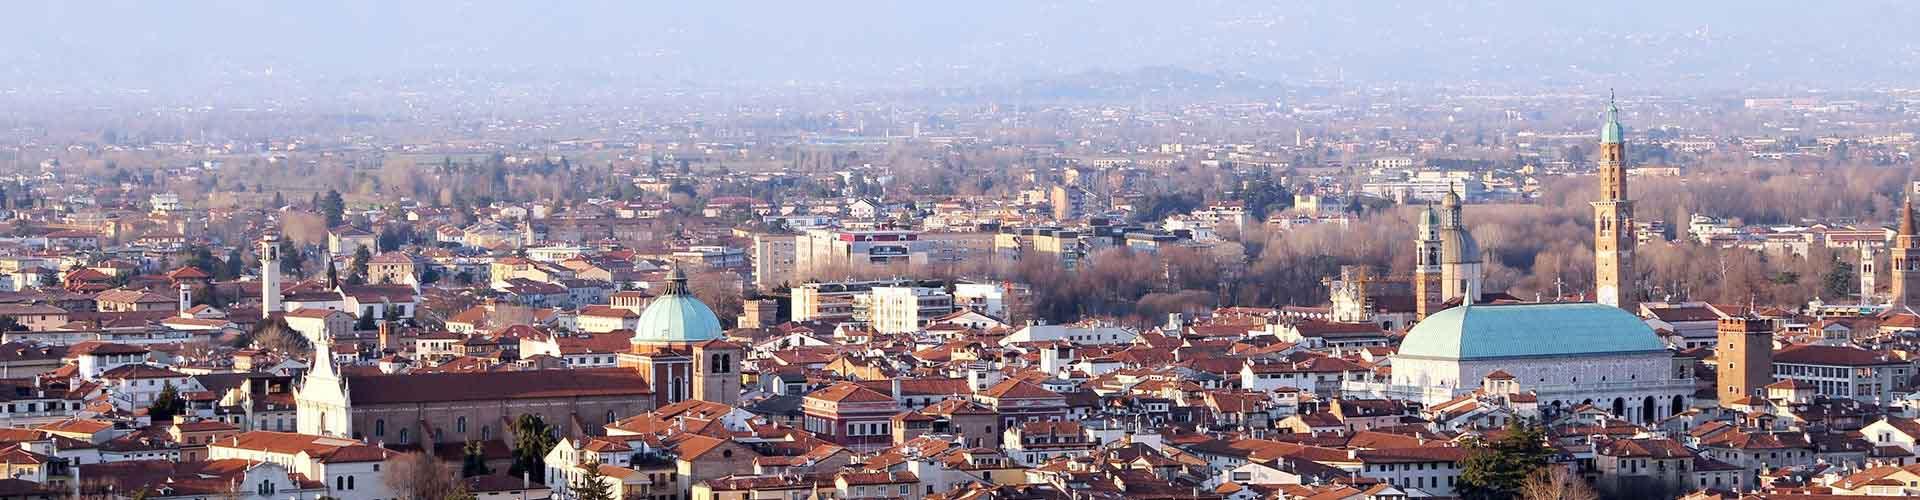 Vicenza - Appartments à Vicenza. Cartes pour Vicenza, photos et commentaires pour chaque appartement à Vicenza.